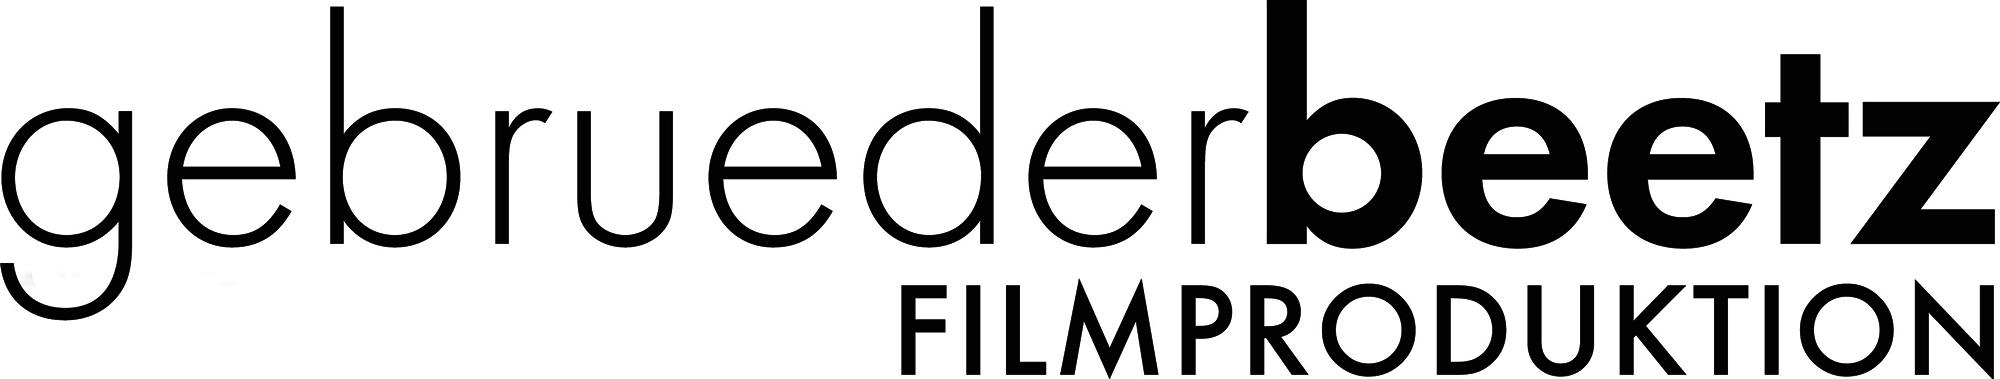 Gebrueder Beetz Filmproduktion